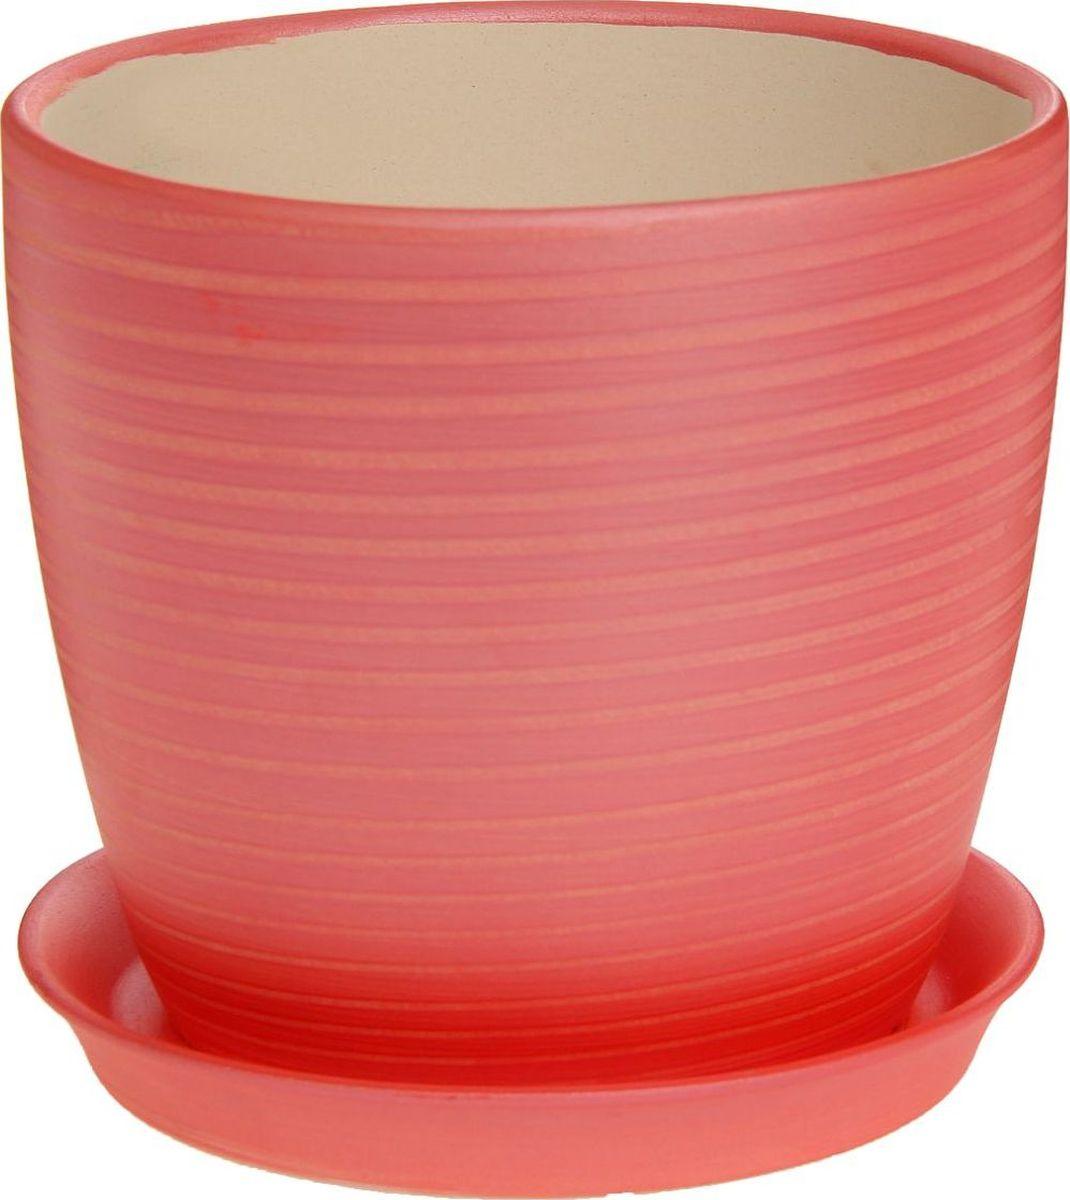 Кашпо Керамика ручной работы Осень. Радуга, цвет: красный, 2 л1170326Комнатные растения — всеобщие любимцы. Они радуют глаз, насыщают помещение кислородом и украшают пространство. Каждому из них необходим свой удобный и красивый дом. Кашпо из керамики прекрасно подходят для высадки растений: за счёт пластичности глины и разных способов обработки существует великое множество форм и дизайновпористый материал позволяет испаряться лишней влагевоздух, необходимый для дыхания корней, проникает сквозь керамические стенки! #name# позаботится о зелёном питомце, освежит интерьер и подчеркнёт его стиль.